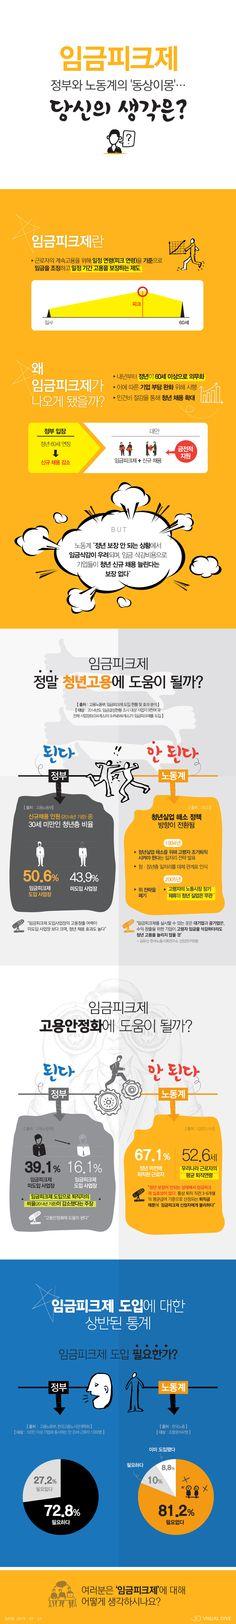 임금피크제, 정부와 노동계의 '동상이몽'… 당신의 생각은? [인포그래픽] #Pay / #Infographic ⓒ 비주얼다이브 무단 복사·전재·재배포 금지